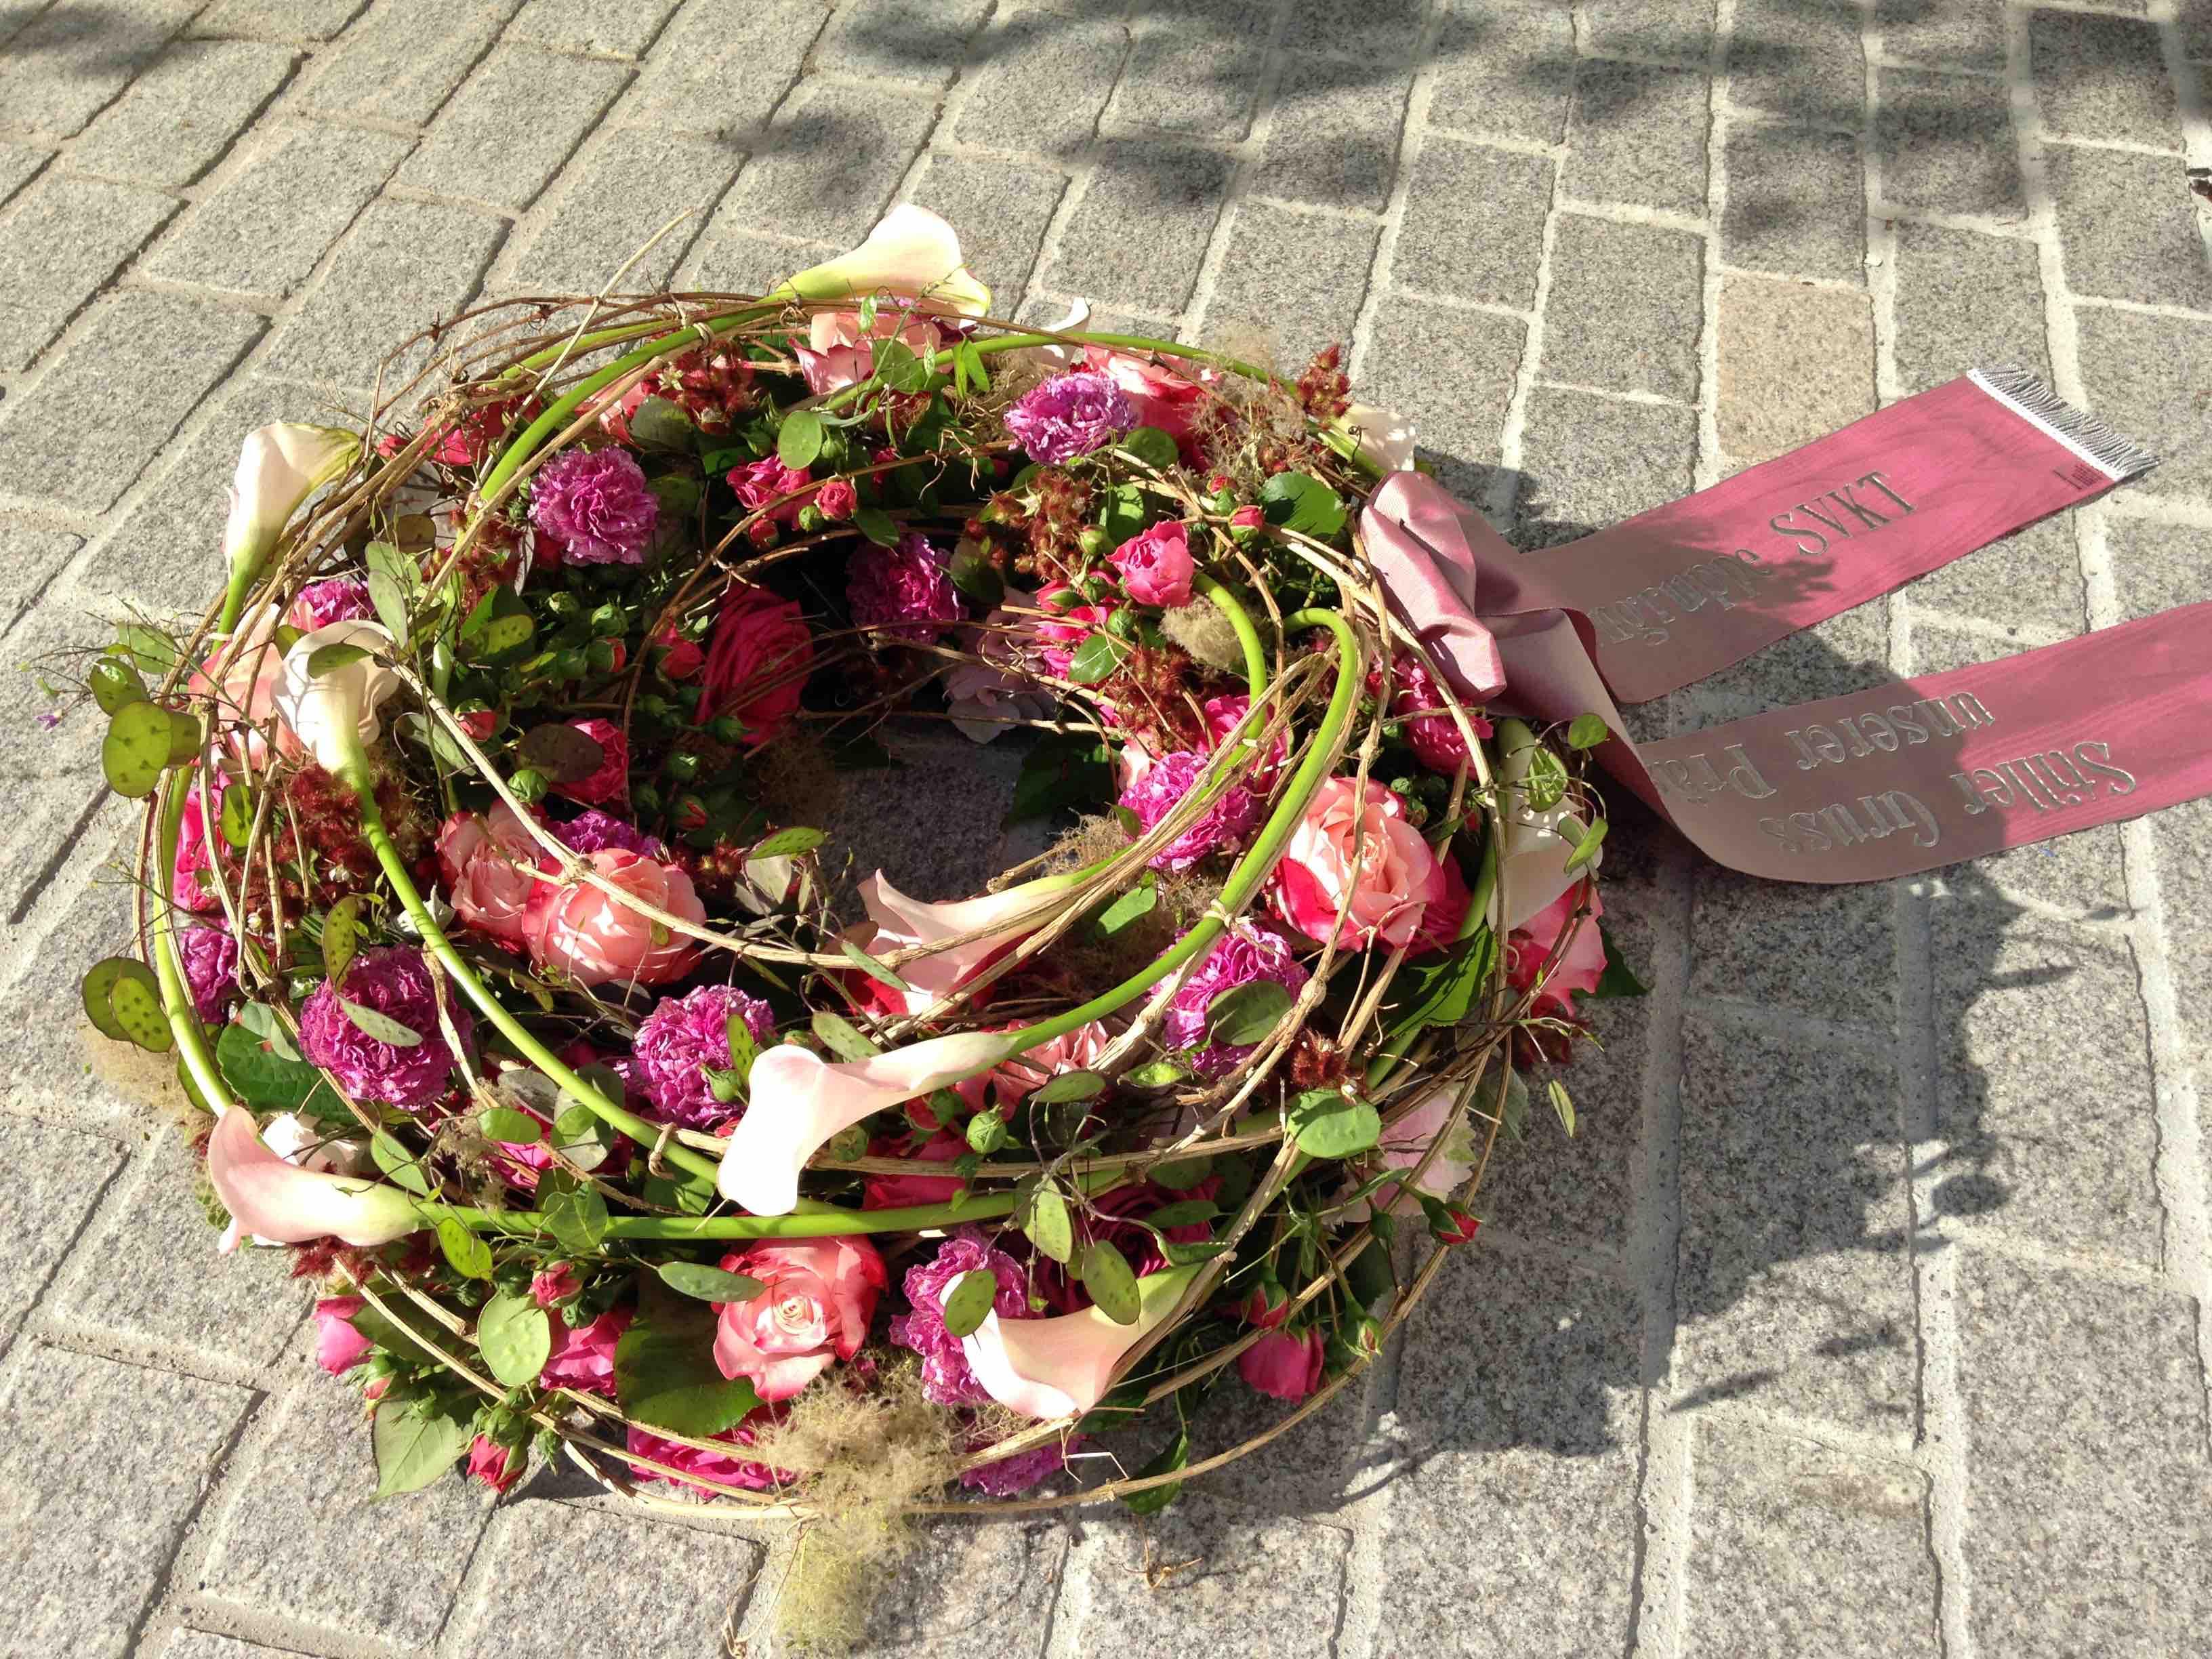 Trauerkranz mit Rosen und Calla